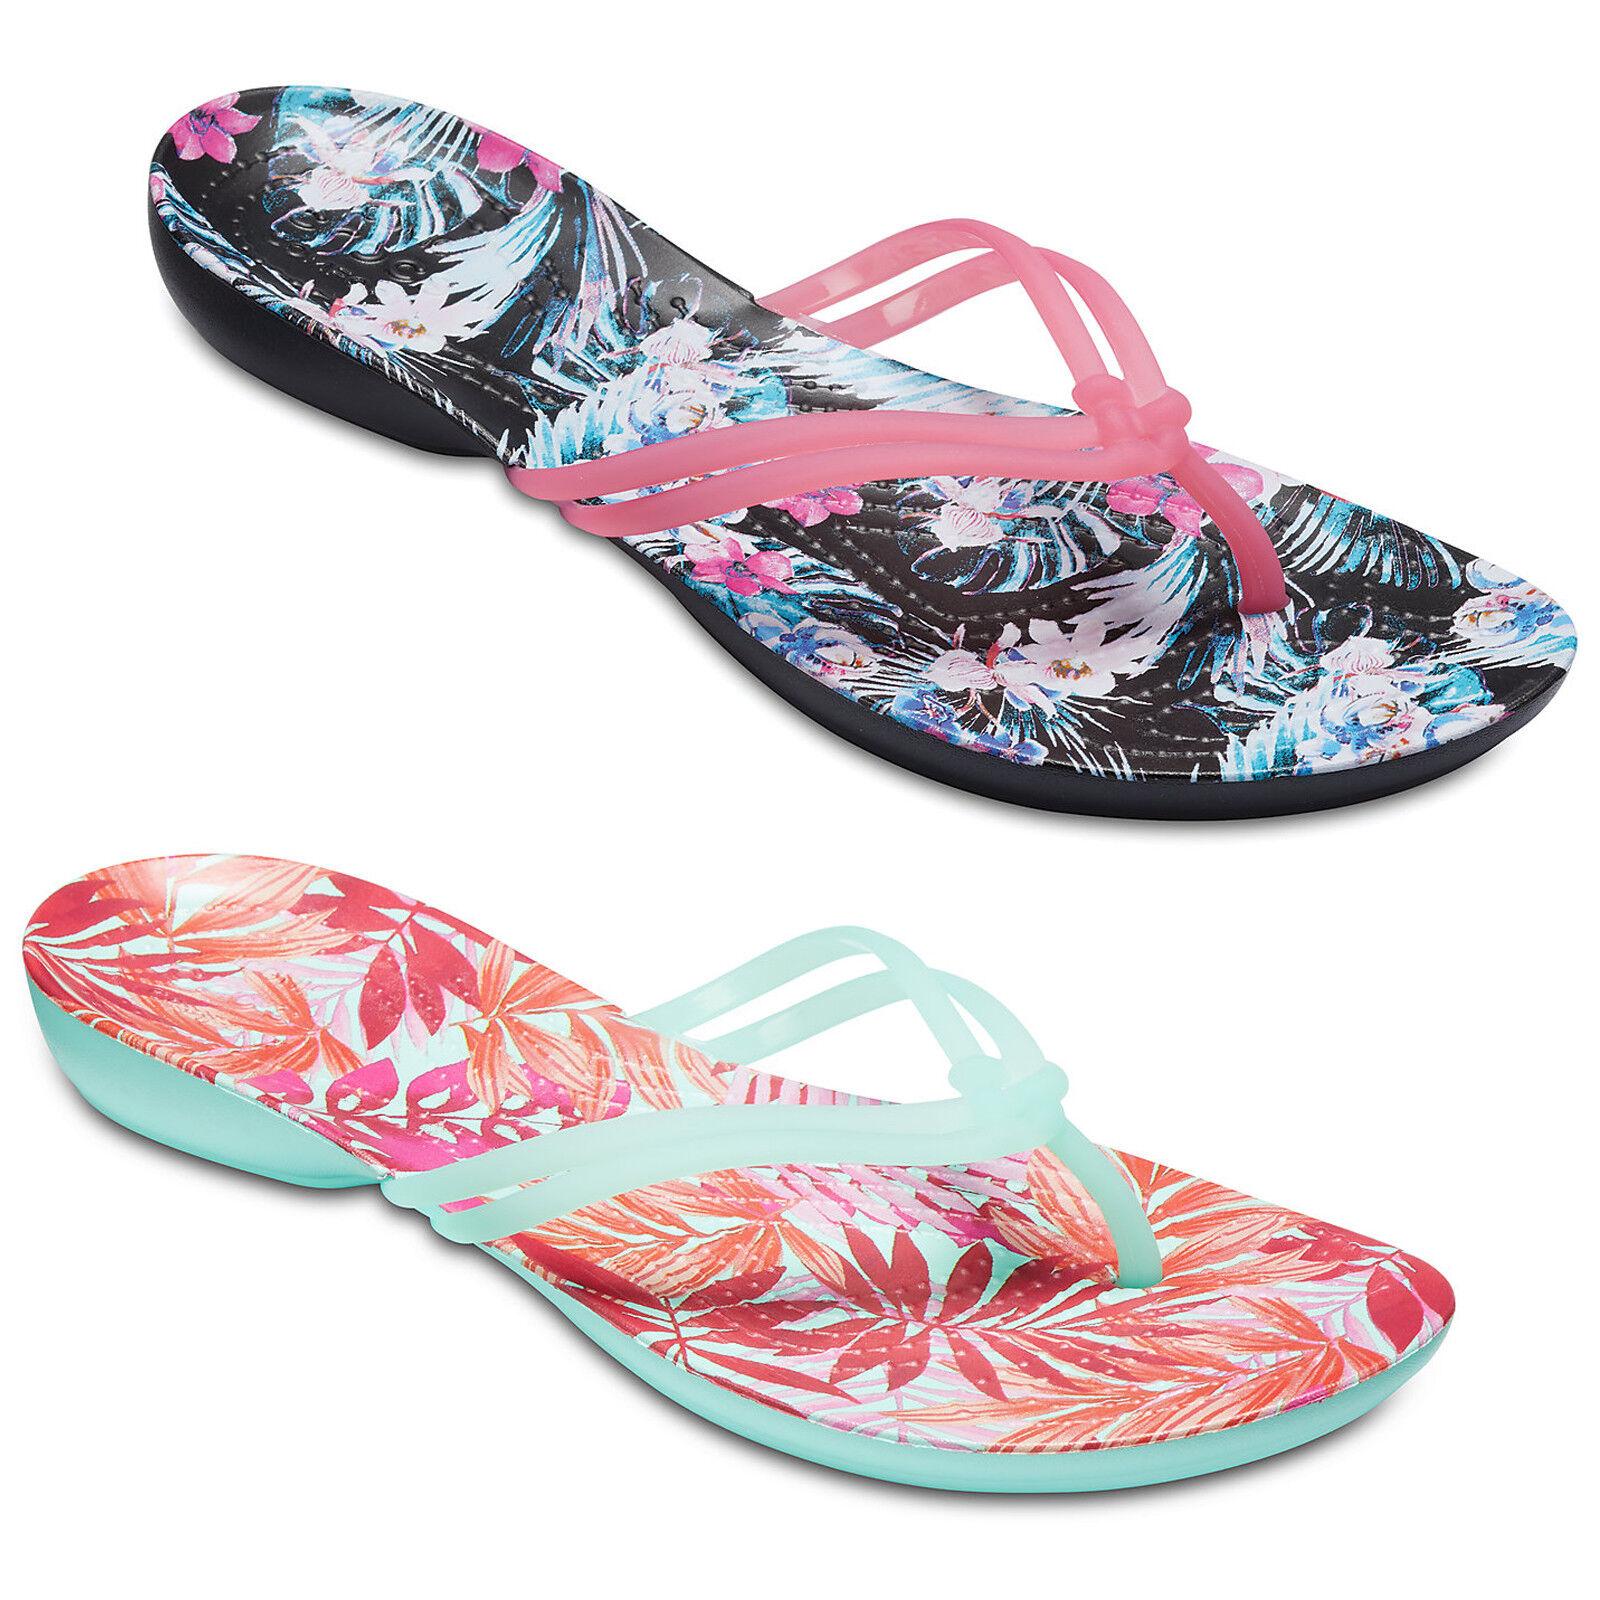 Details about Crocs Isabella Flip Flop Sandals Womens Thong Lightweight Beach Summer Holiday